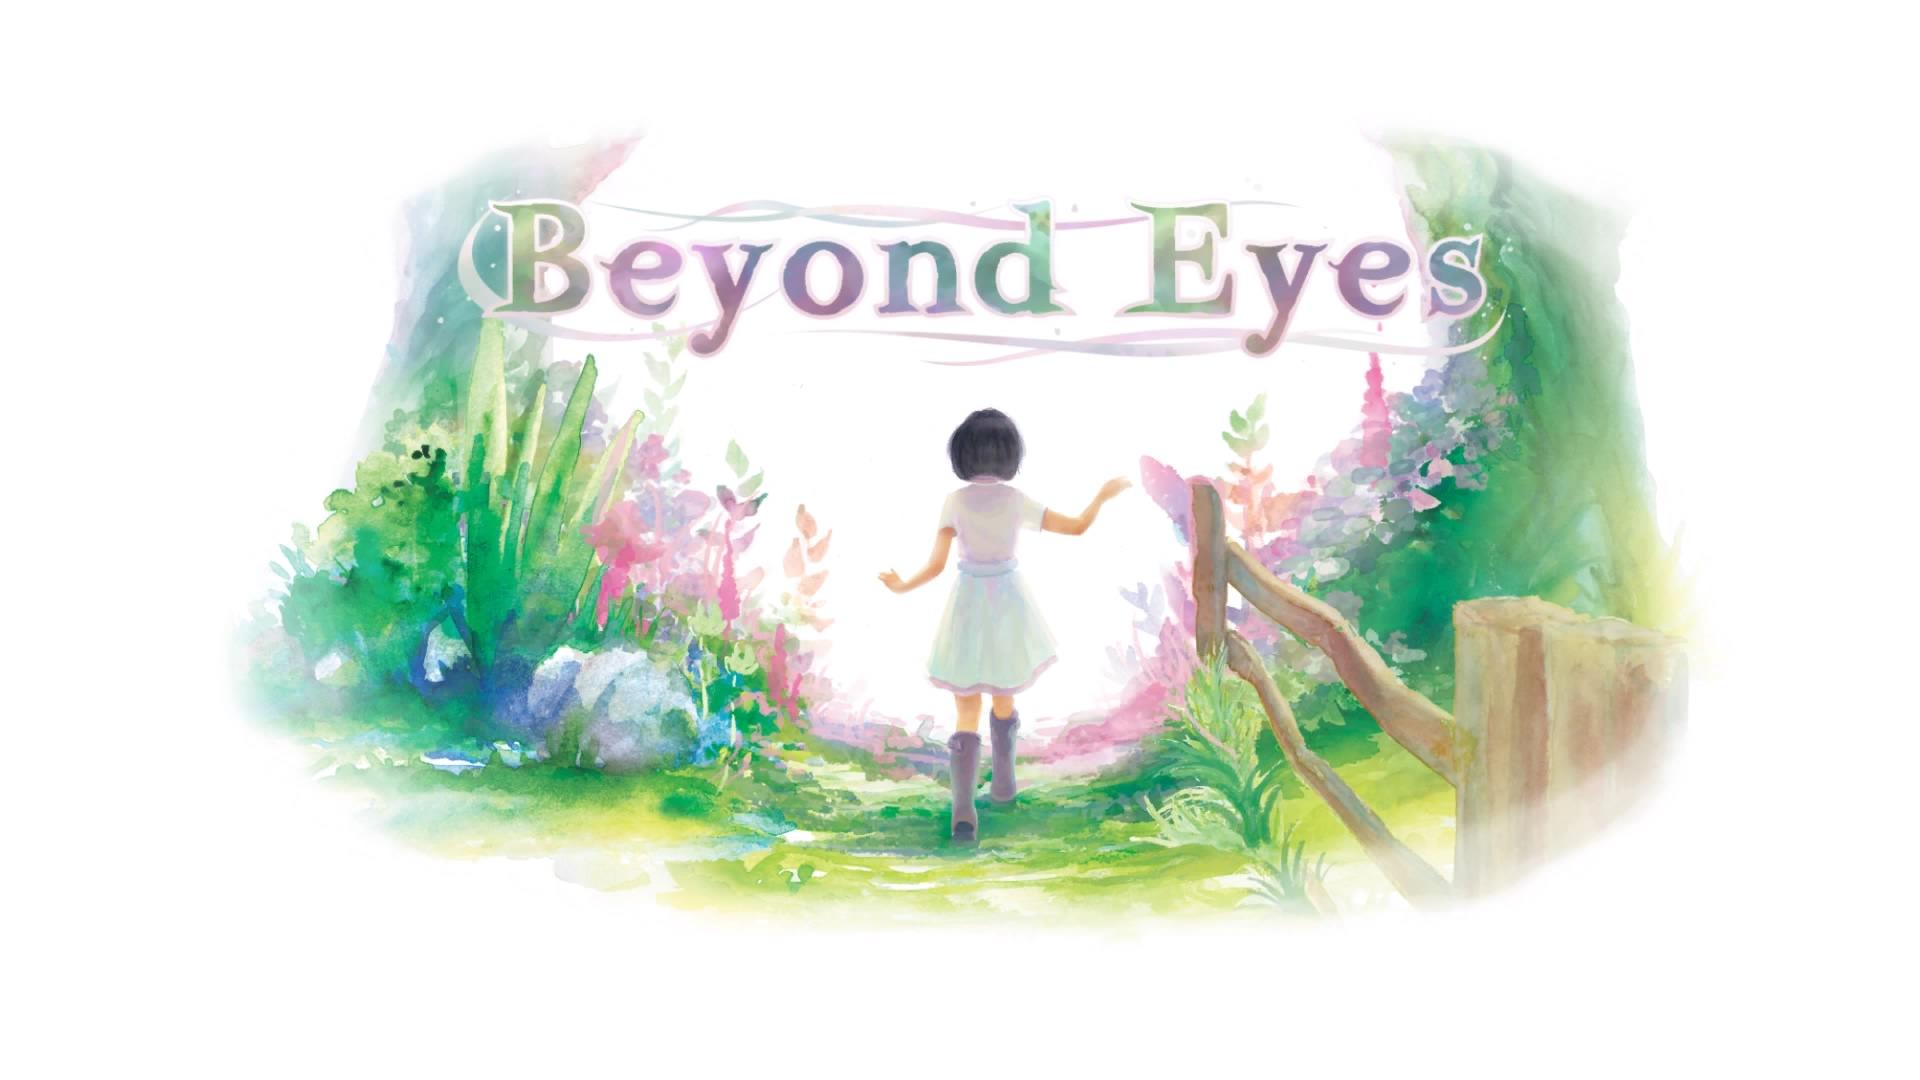 Beyond Eyes_20160905163453.jpg